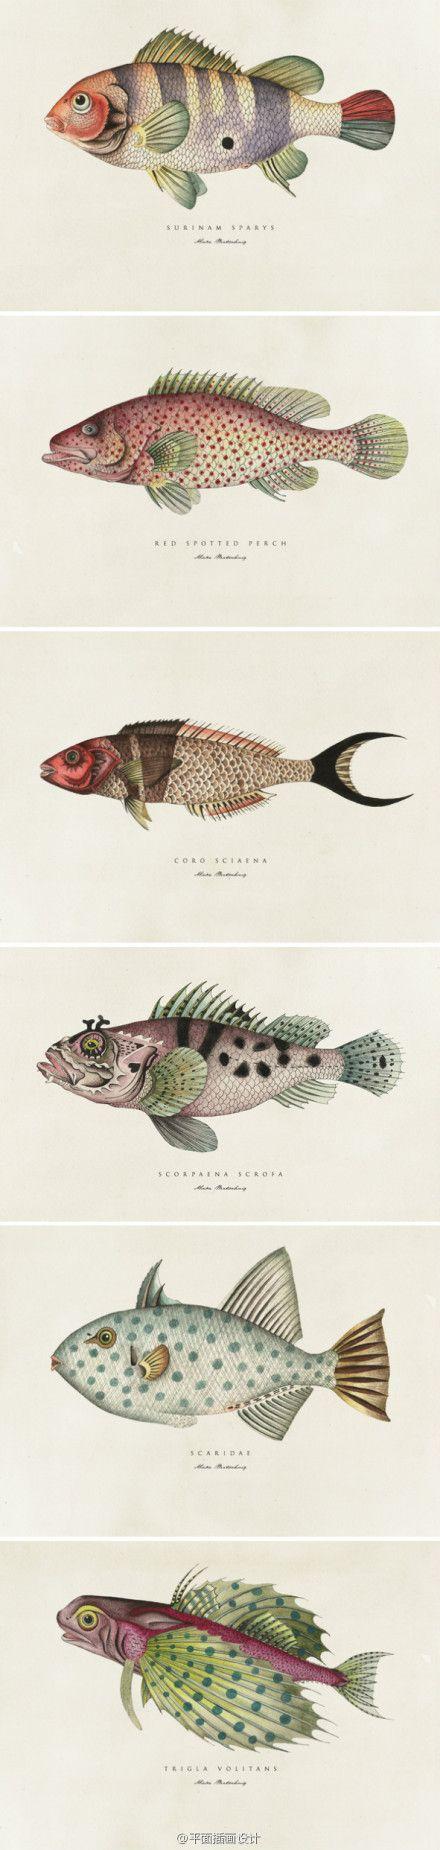 fish botanical illustration